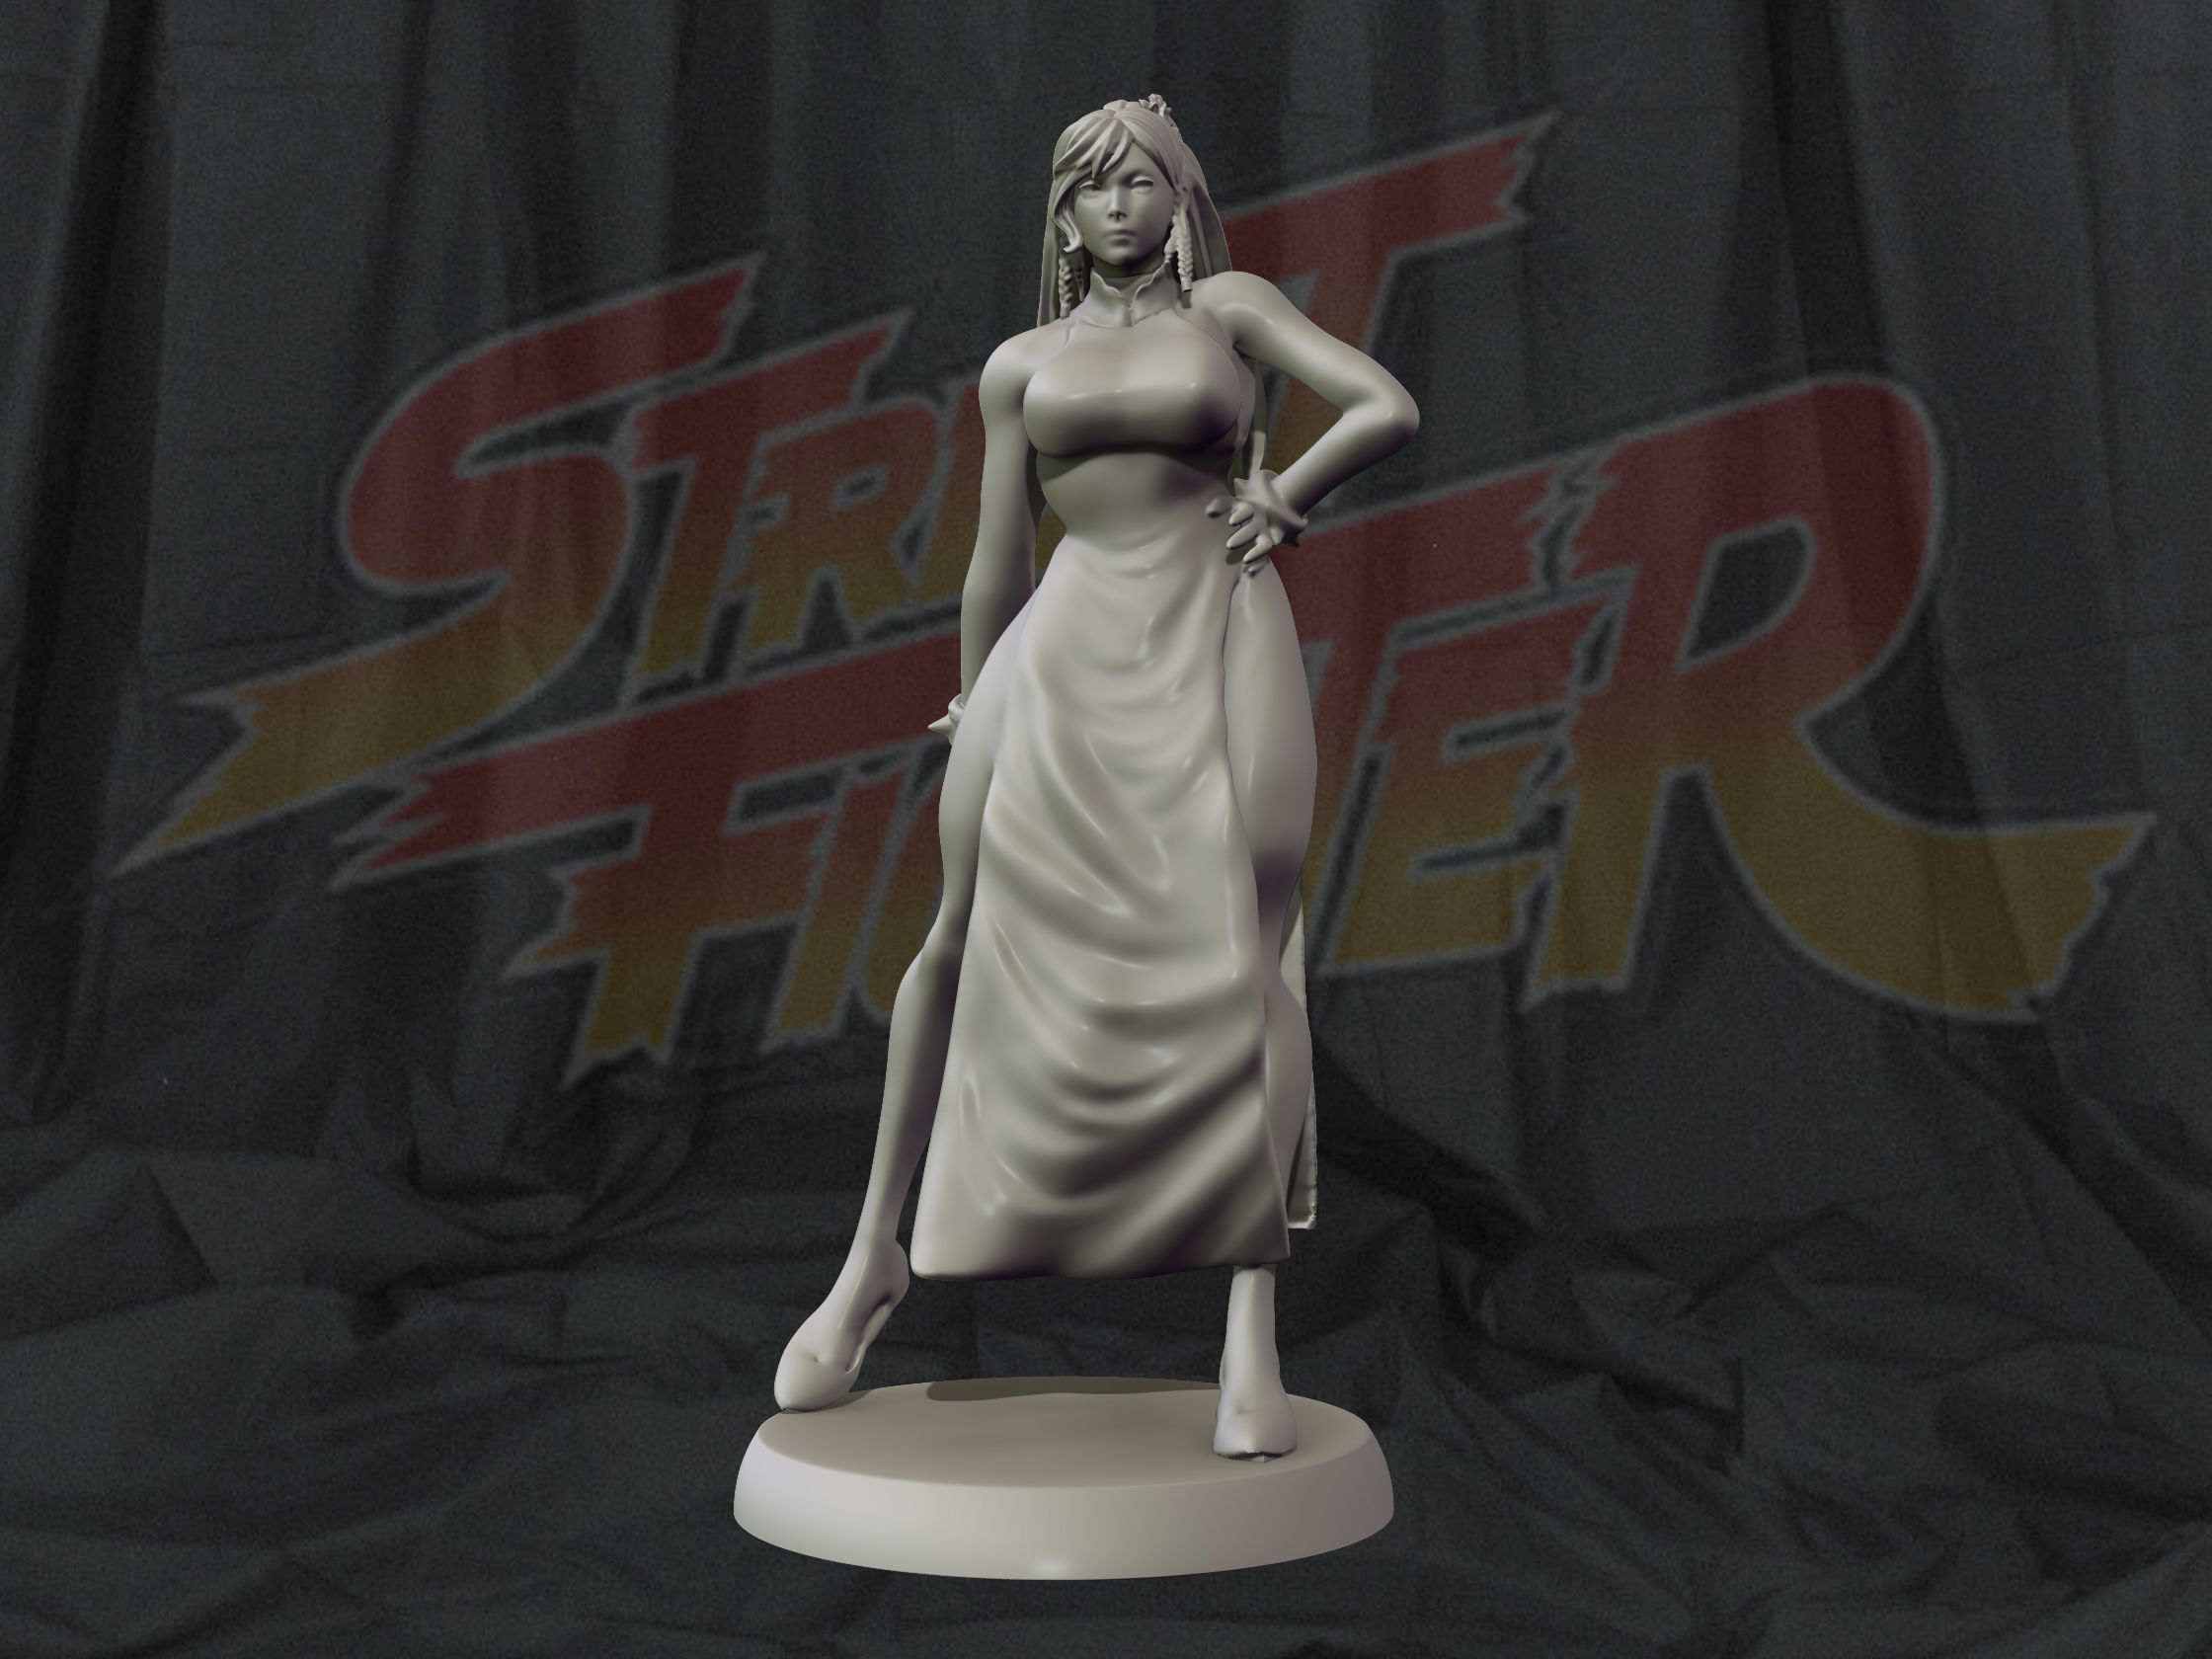 Chun Li Street fighter 3d print figurine